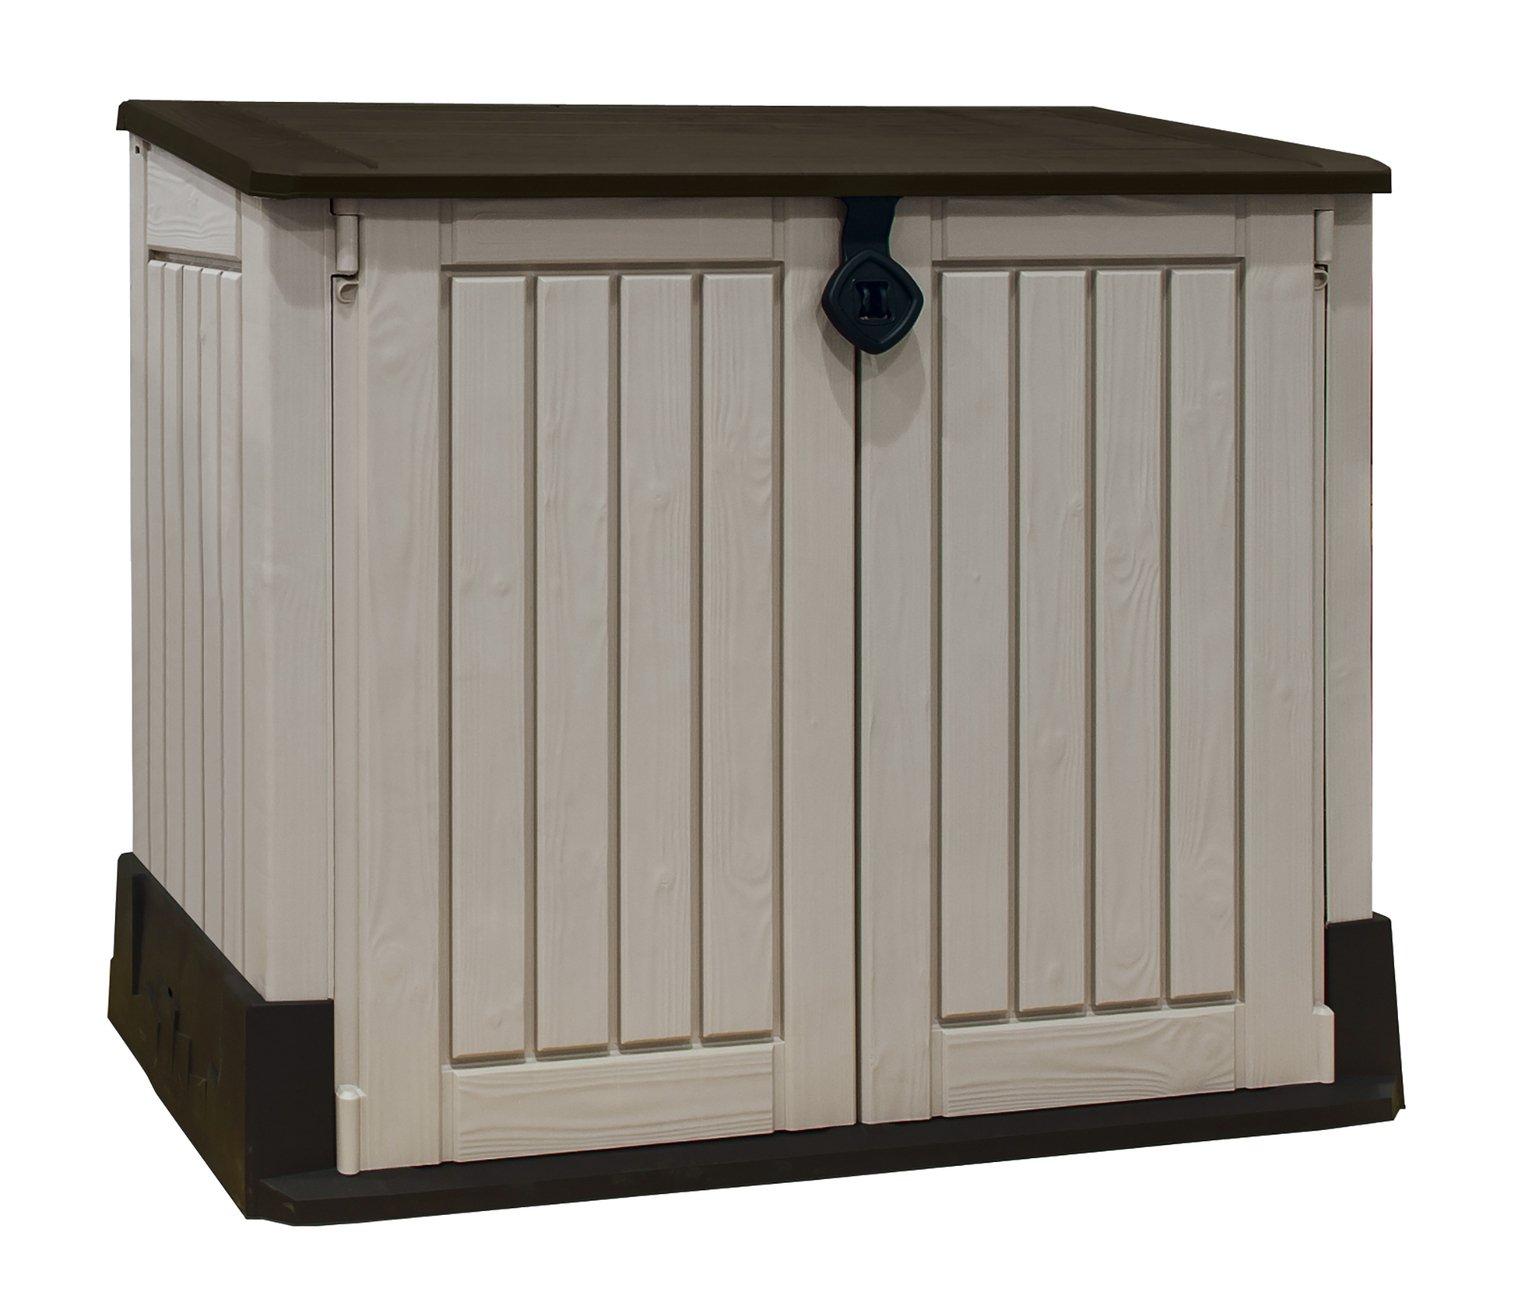 Keter Store It Out Midi Storage Box - Beige/Brown  sc 1 st  Argos & Garden storage boxes and cupboards | Argos Aboutintivar.Com